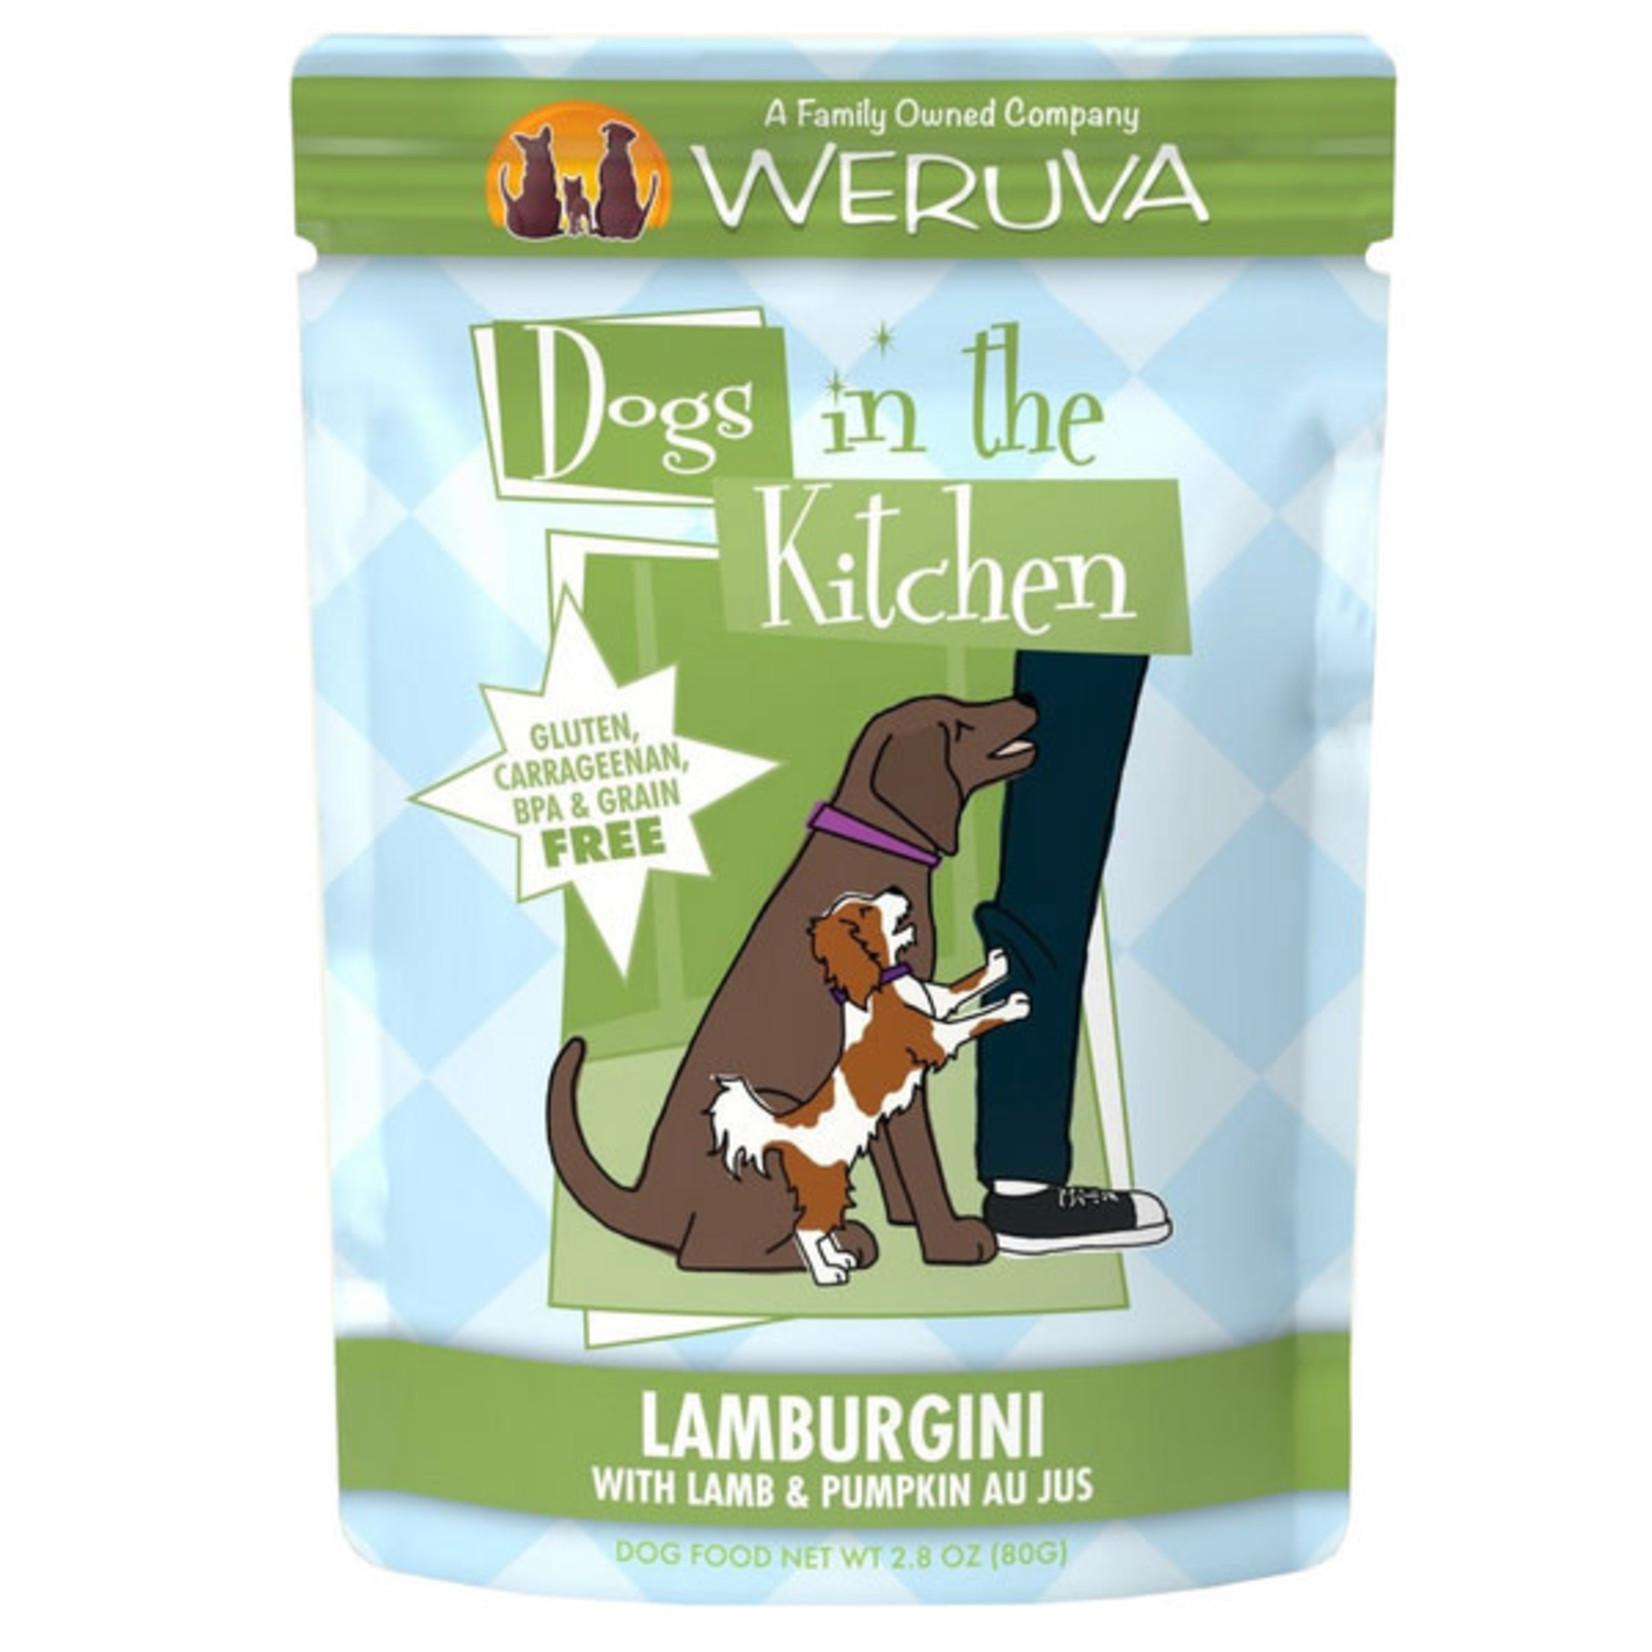 Weruva Weruva dogs in the kitchen Lamb + pumpkin